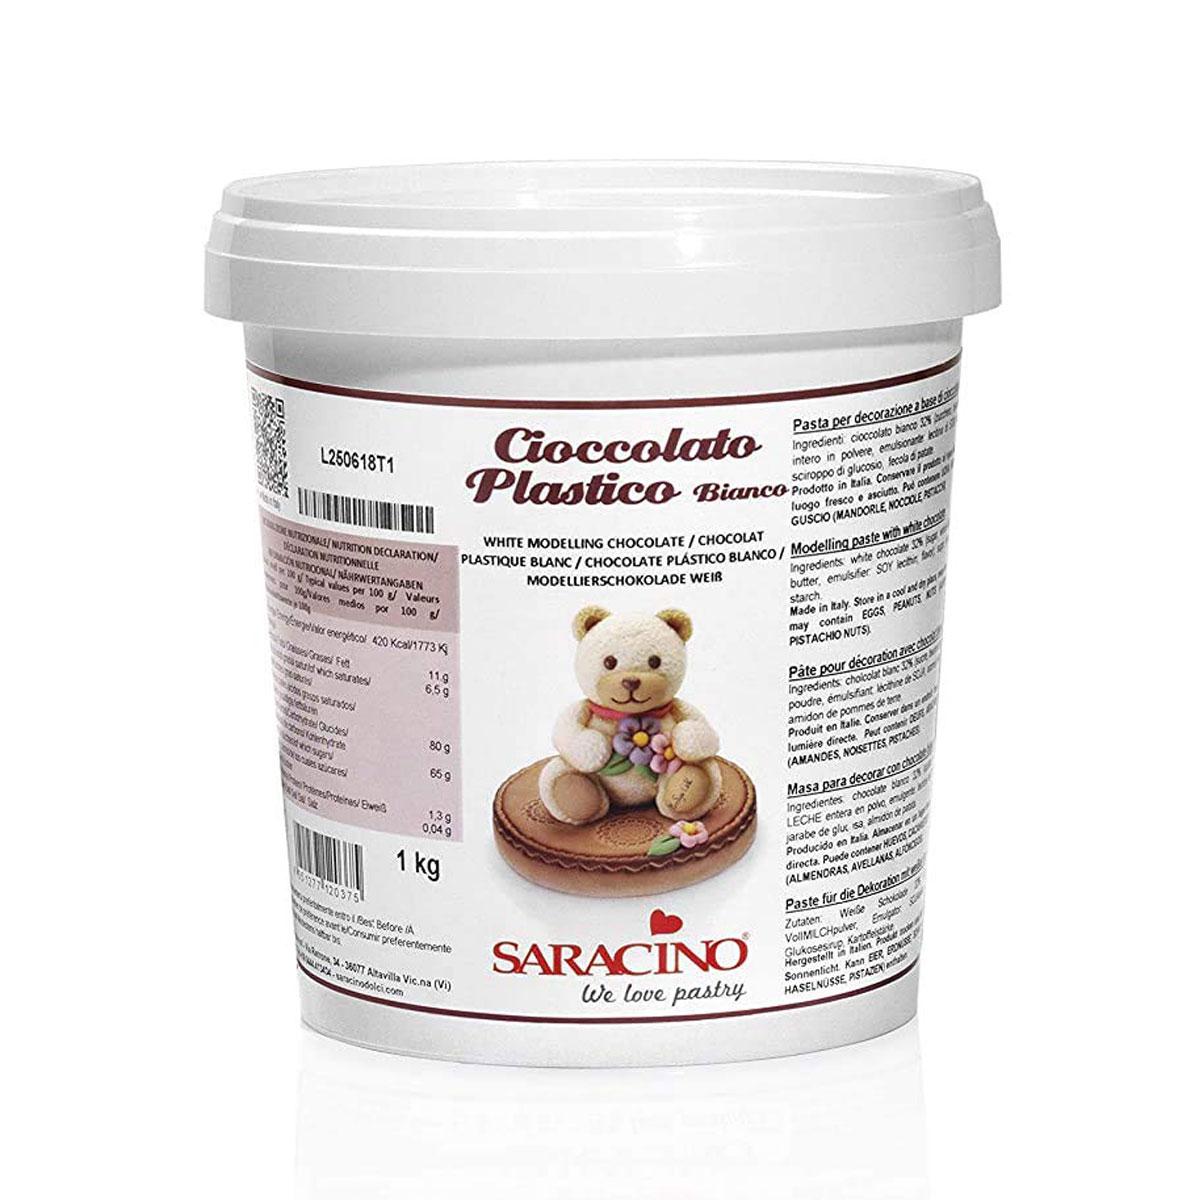 Saracino Cioccolato Plastico - Modellieschokolade Weiss 1 Kg